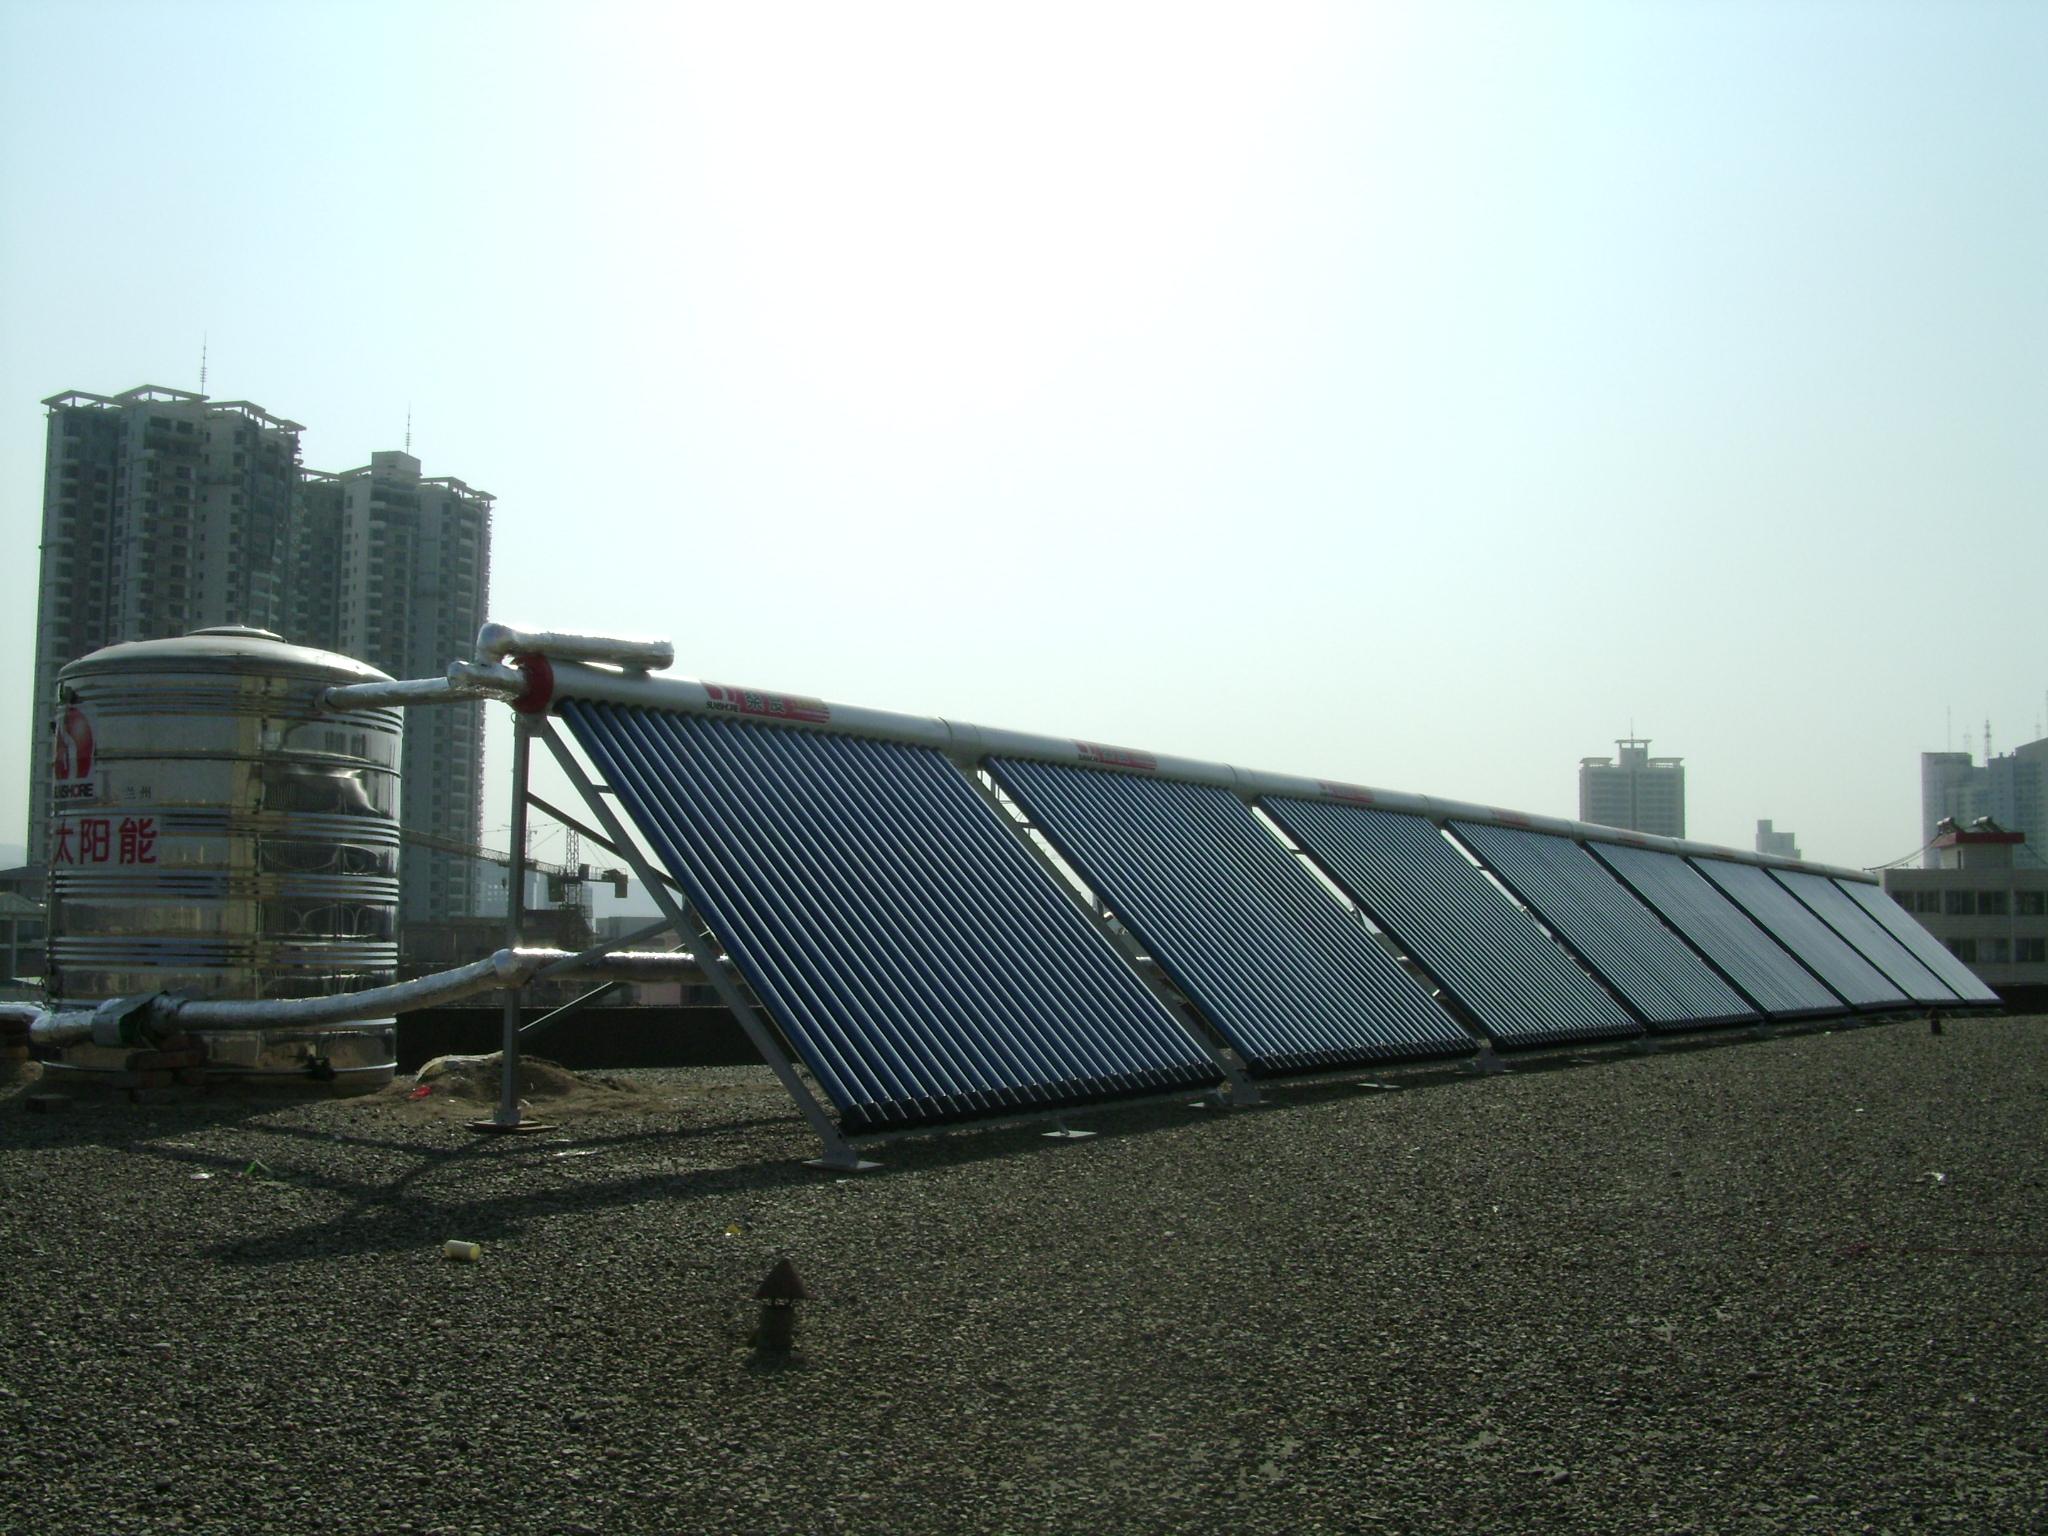 甘南宾馆热水工程-性价比高的太阳能热水器宁太商贸供应